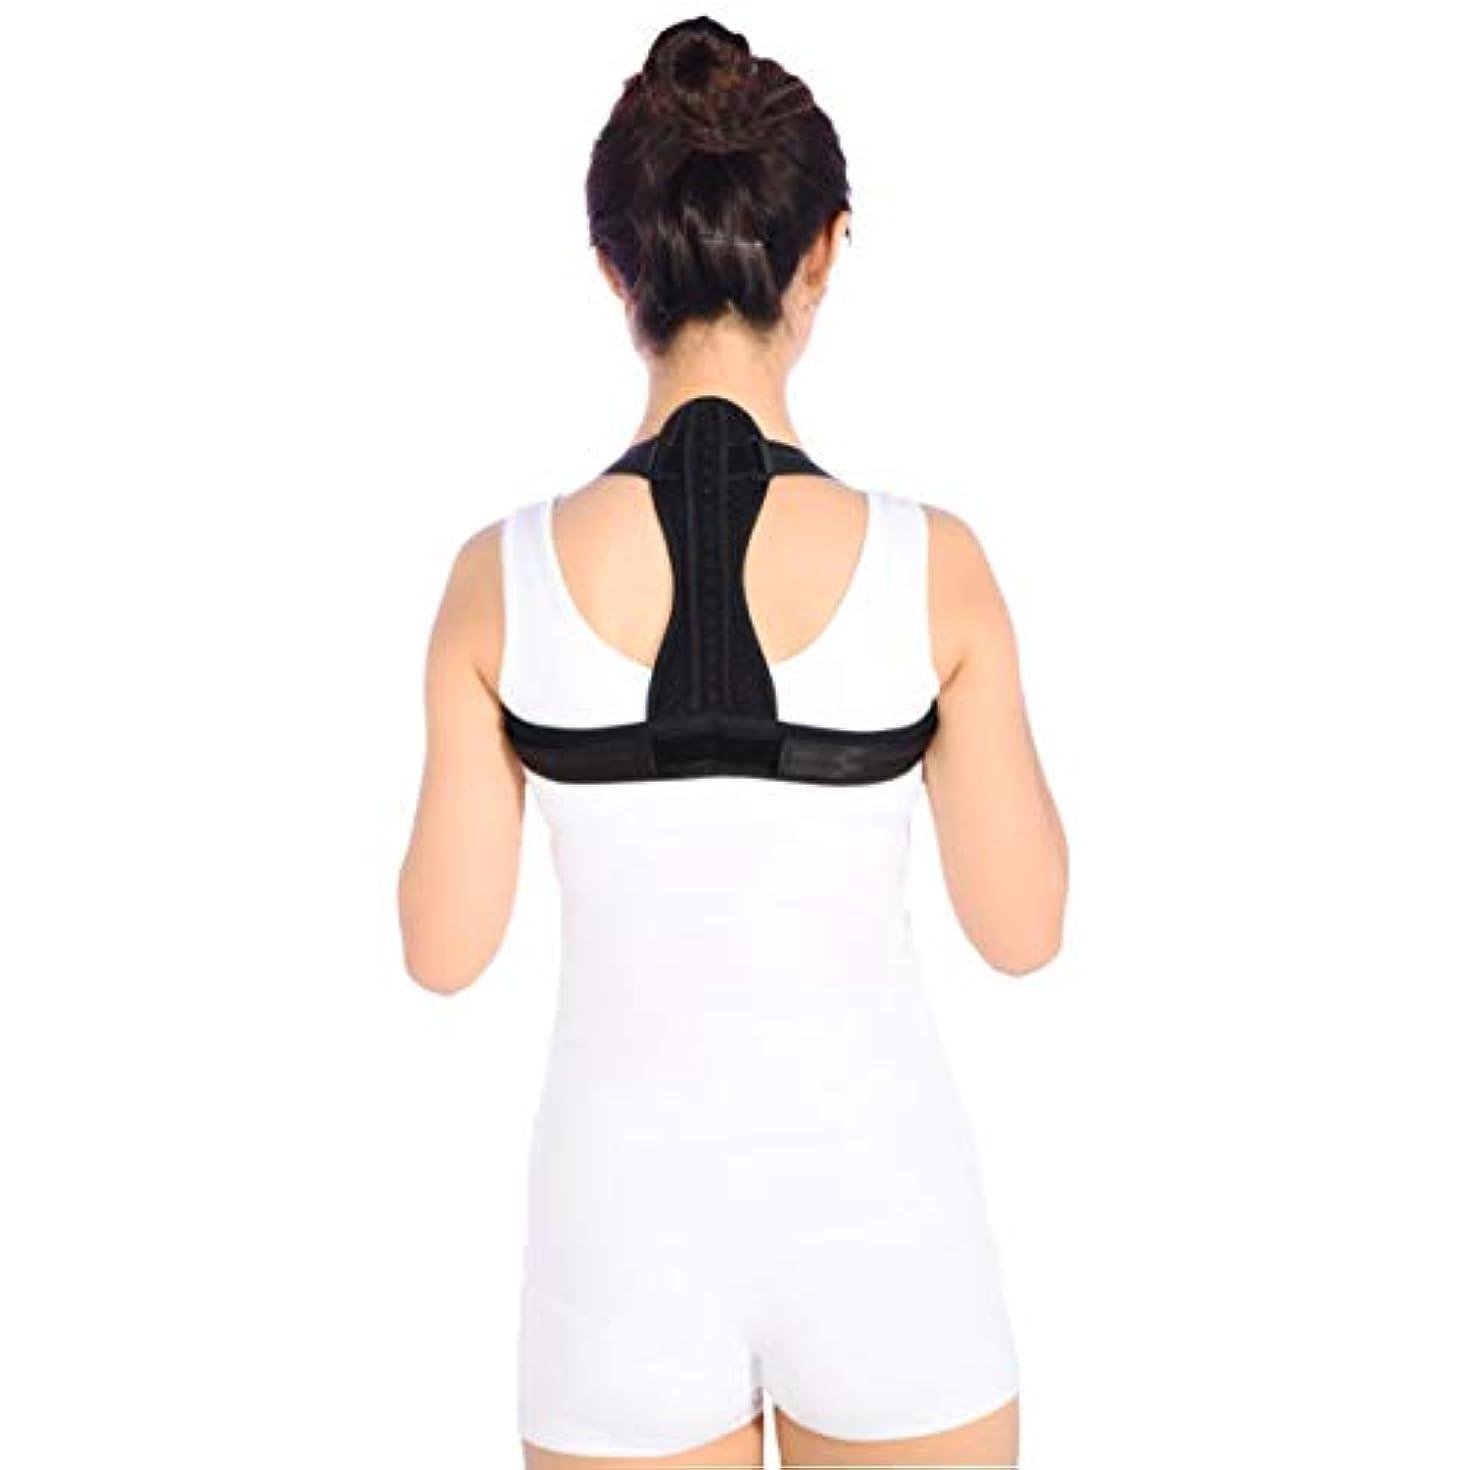 お政策予測子通気性の脊柱側弯症ザトウクジラ補正ベルト調節可能な快適さ目に見えないベルト男性女性大人学生子供 - 黒